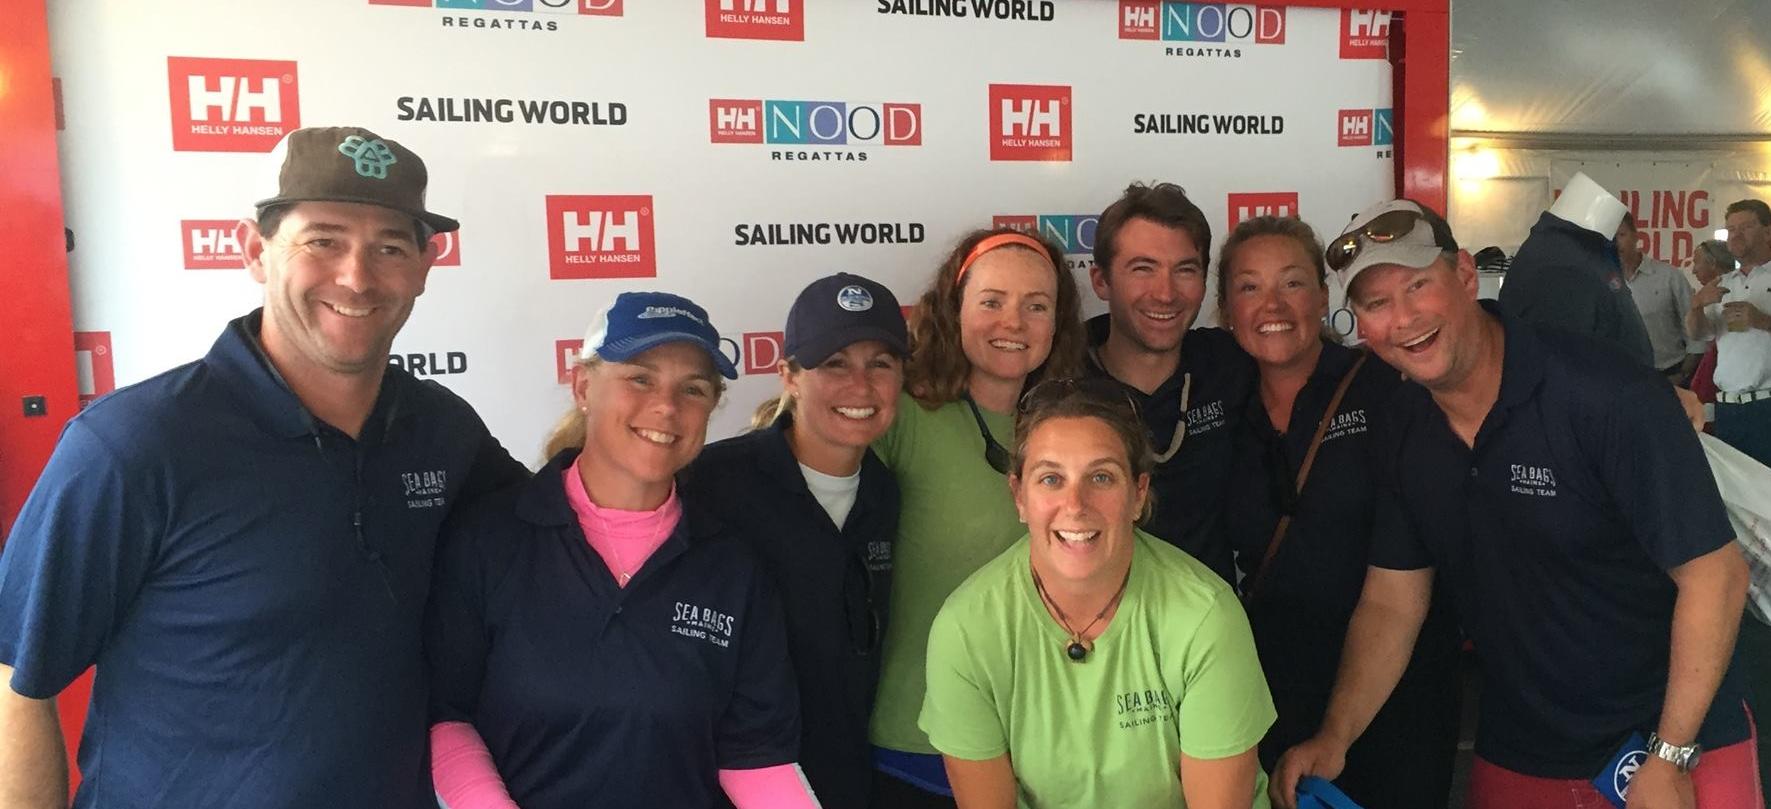 Right to left: Michael McAllister, Erica Beck Spencer, Hillary Nobel, Jess Harris, Molly White, Andrew Gibbons, Charlotte Kinkade, Carter White